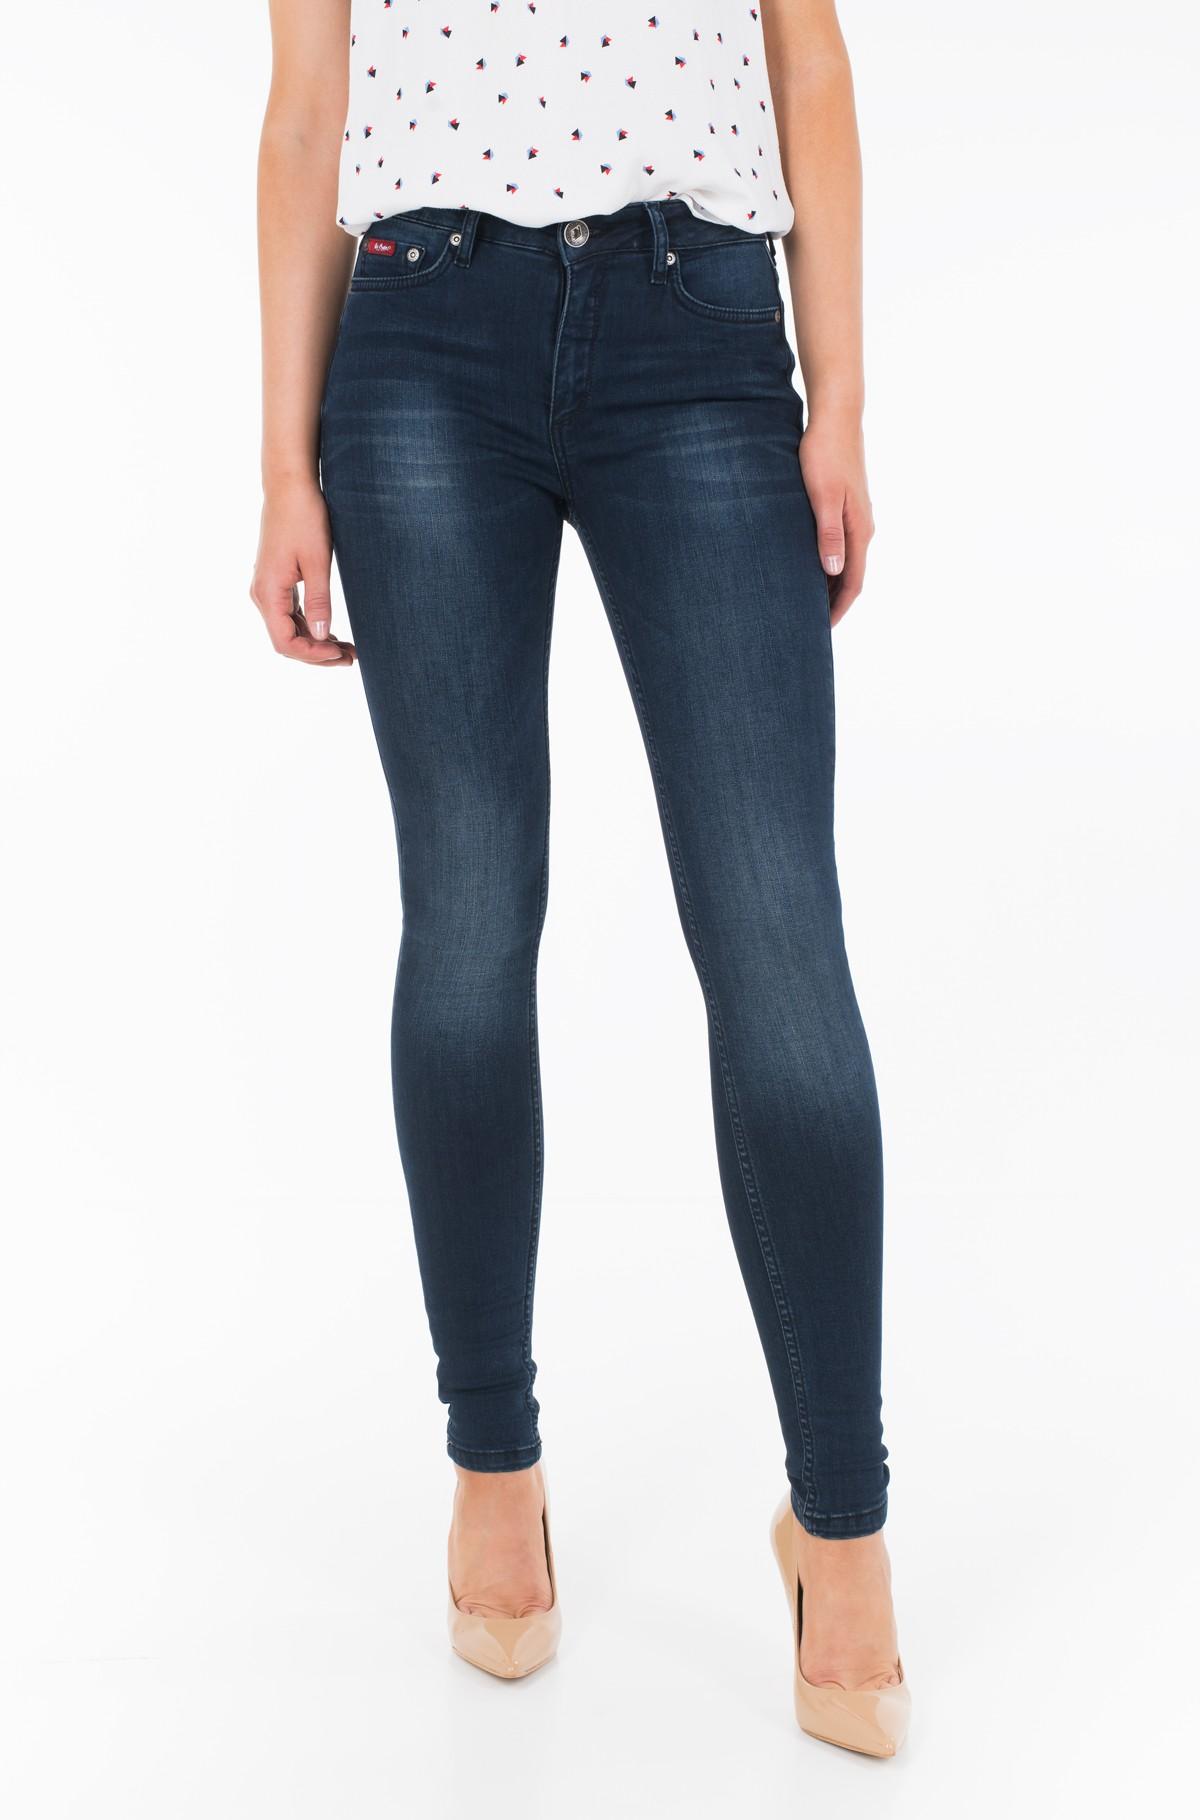 Jeans SCARLET 1717-full-1